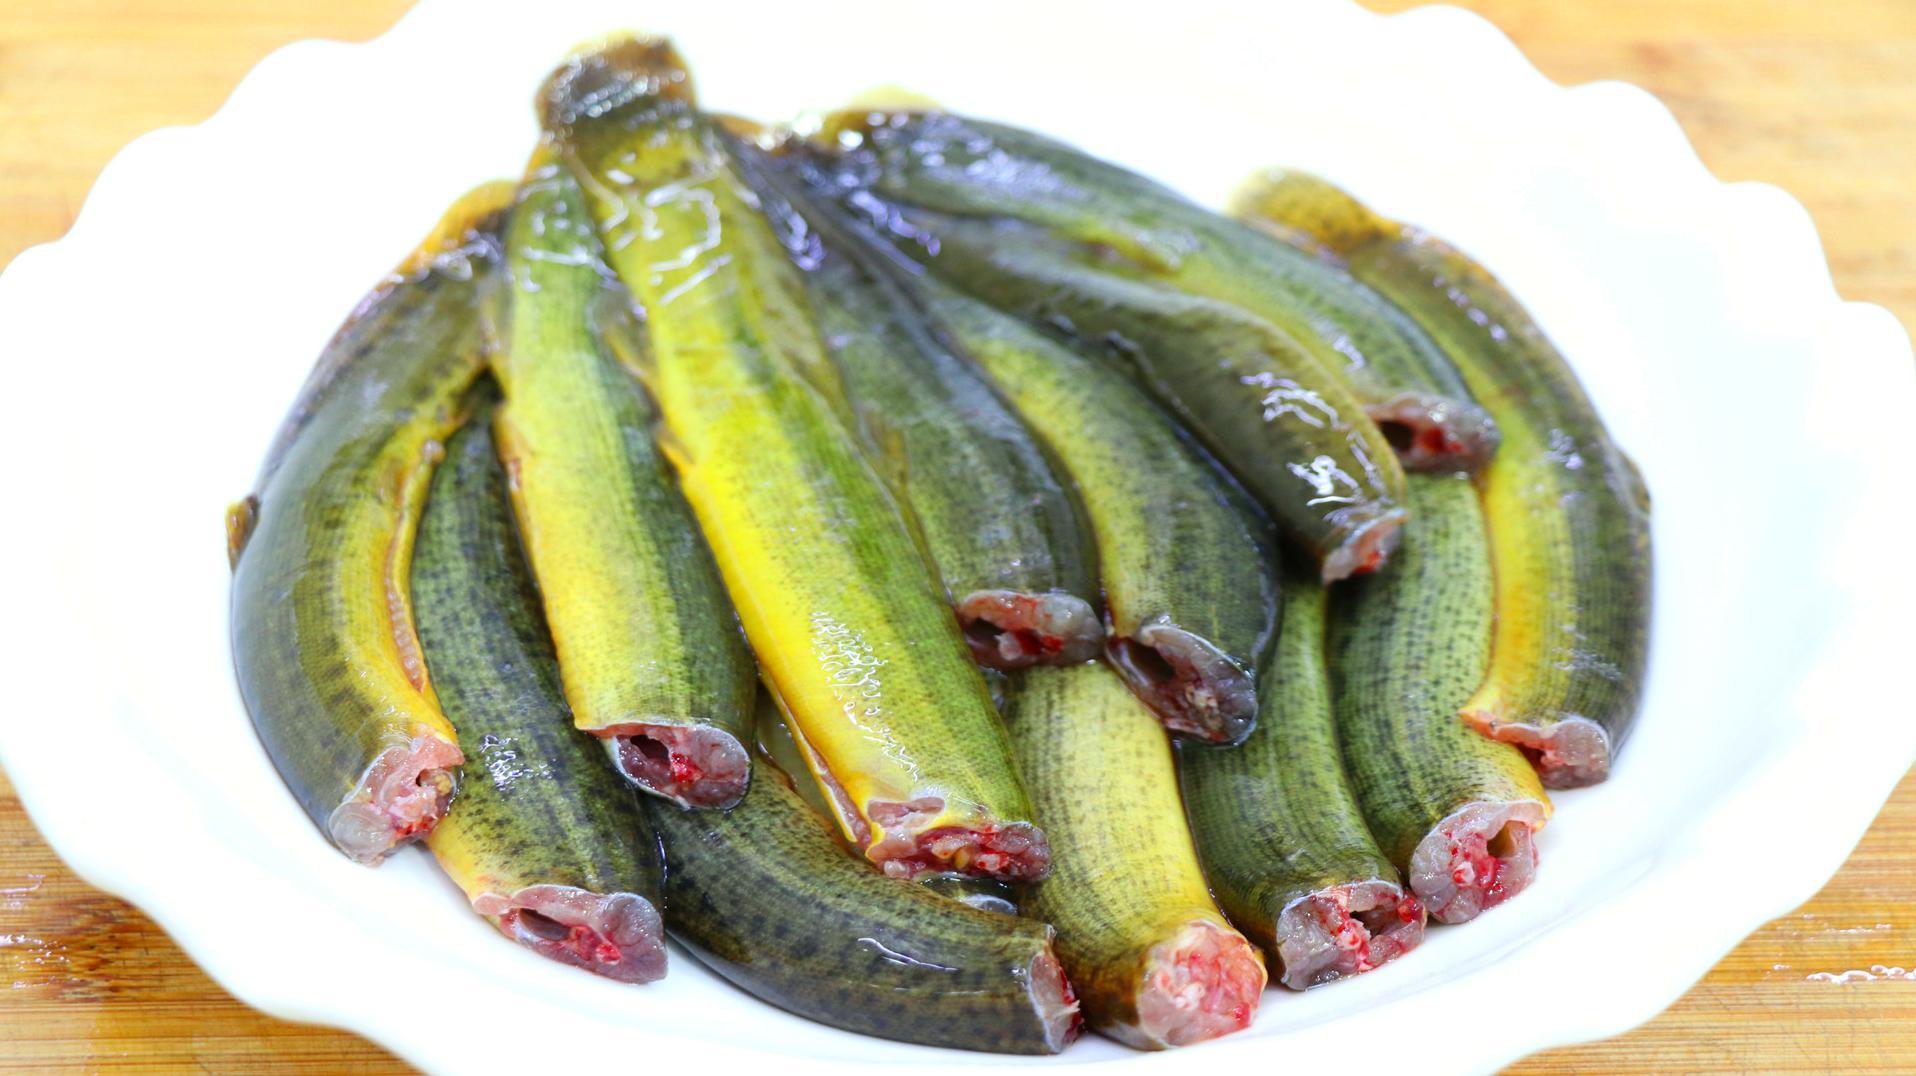 四川人喜欢这样吃泥鳅,麻辣鲜香入味好吃,出锅那一刻我咽口水了安卓版